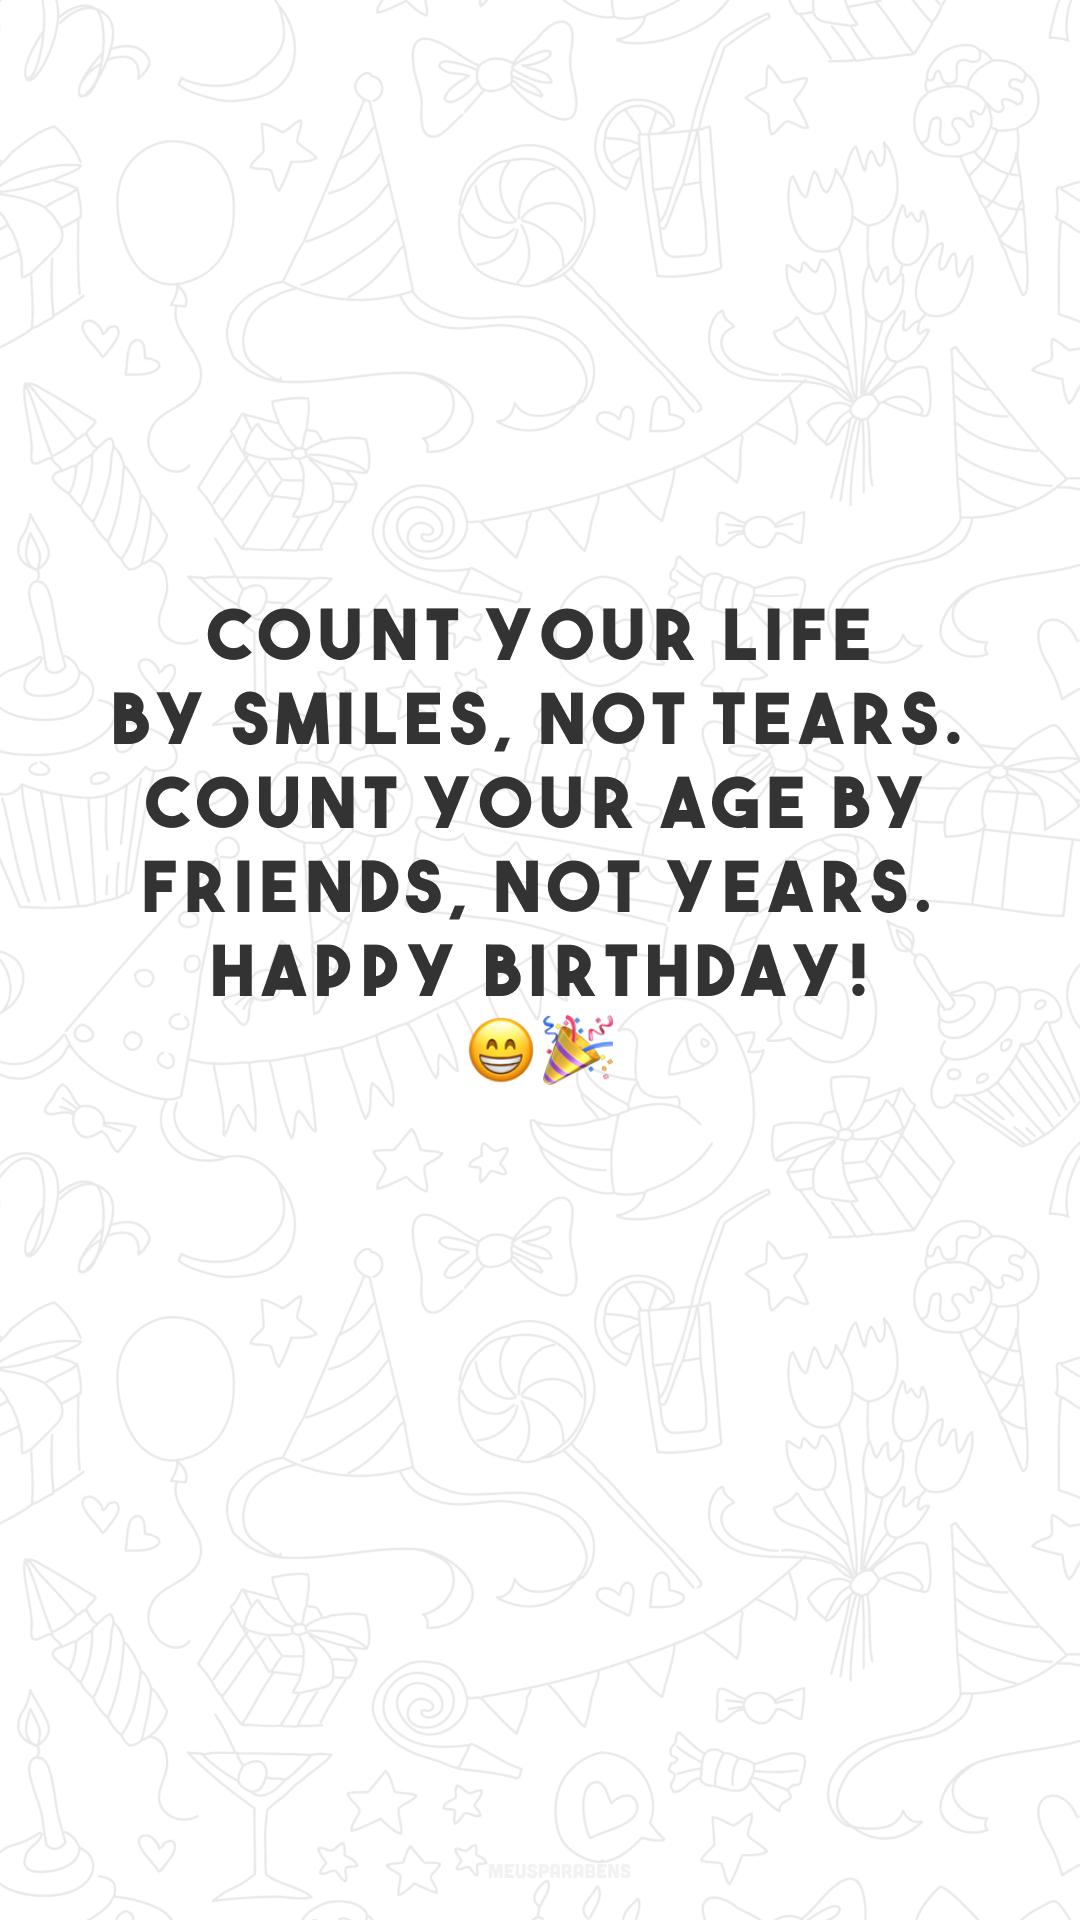 Count your life by smiles, not tears. Count your age by friends, not years. Happy birthday! 😁🎉 (Conte sua vida por sorrisos, não lágrimas. Conte sua idade por amigos, não anos. Feliz aniversário!)